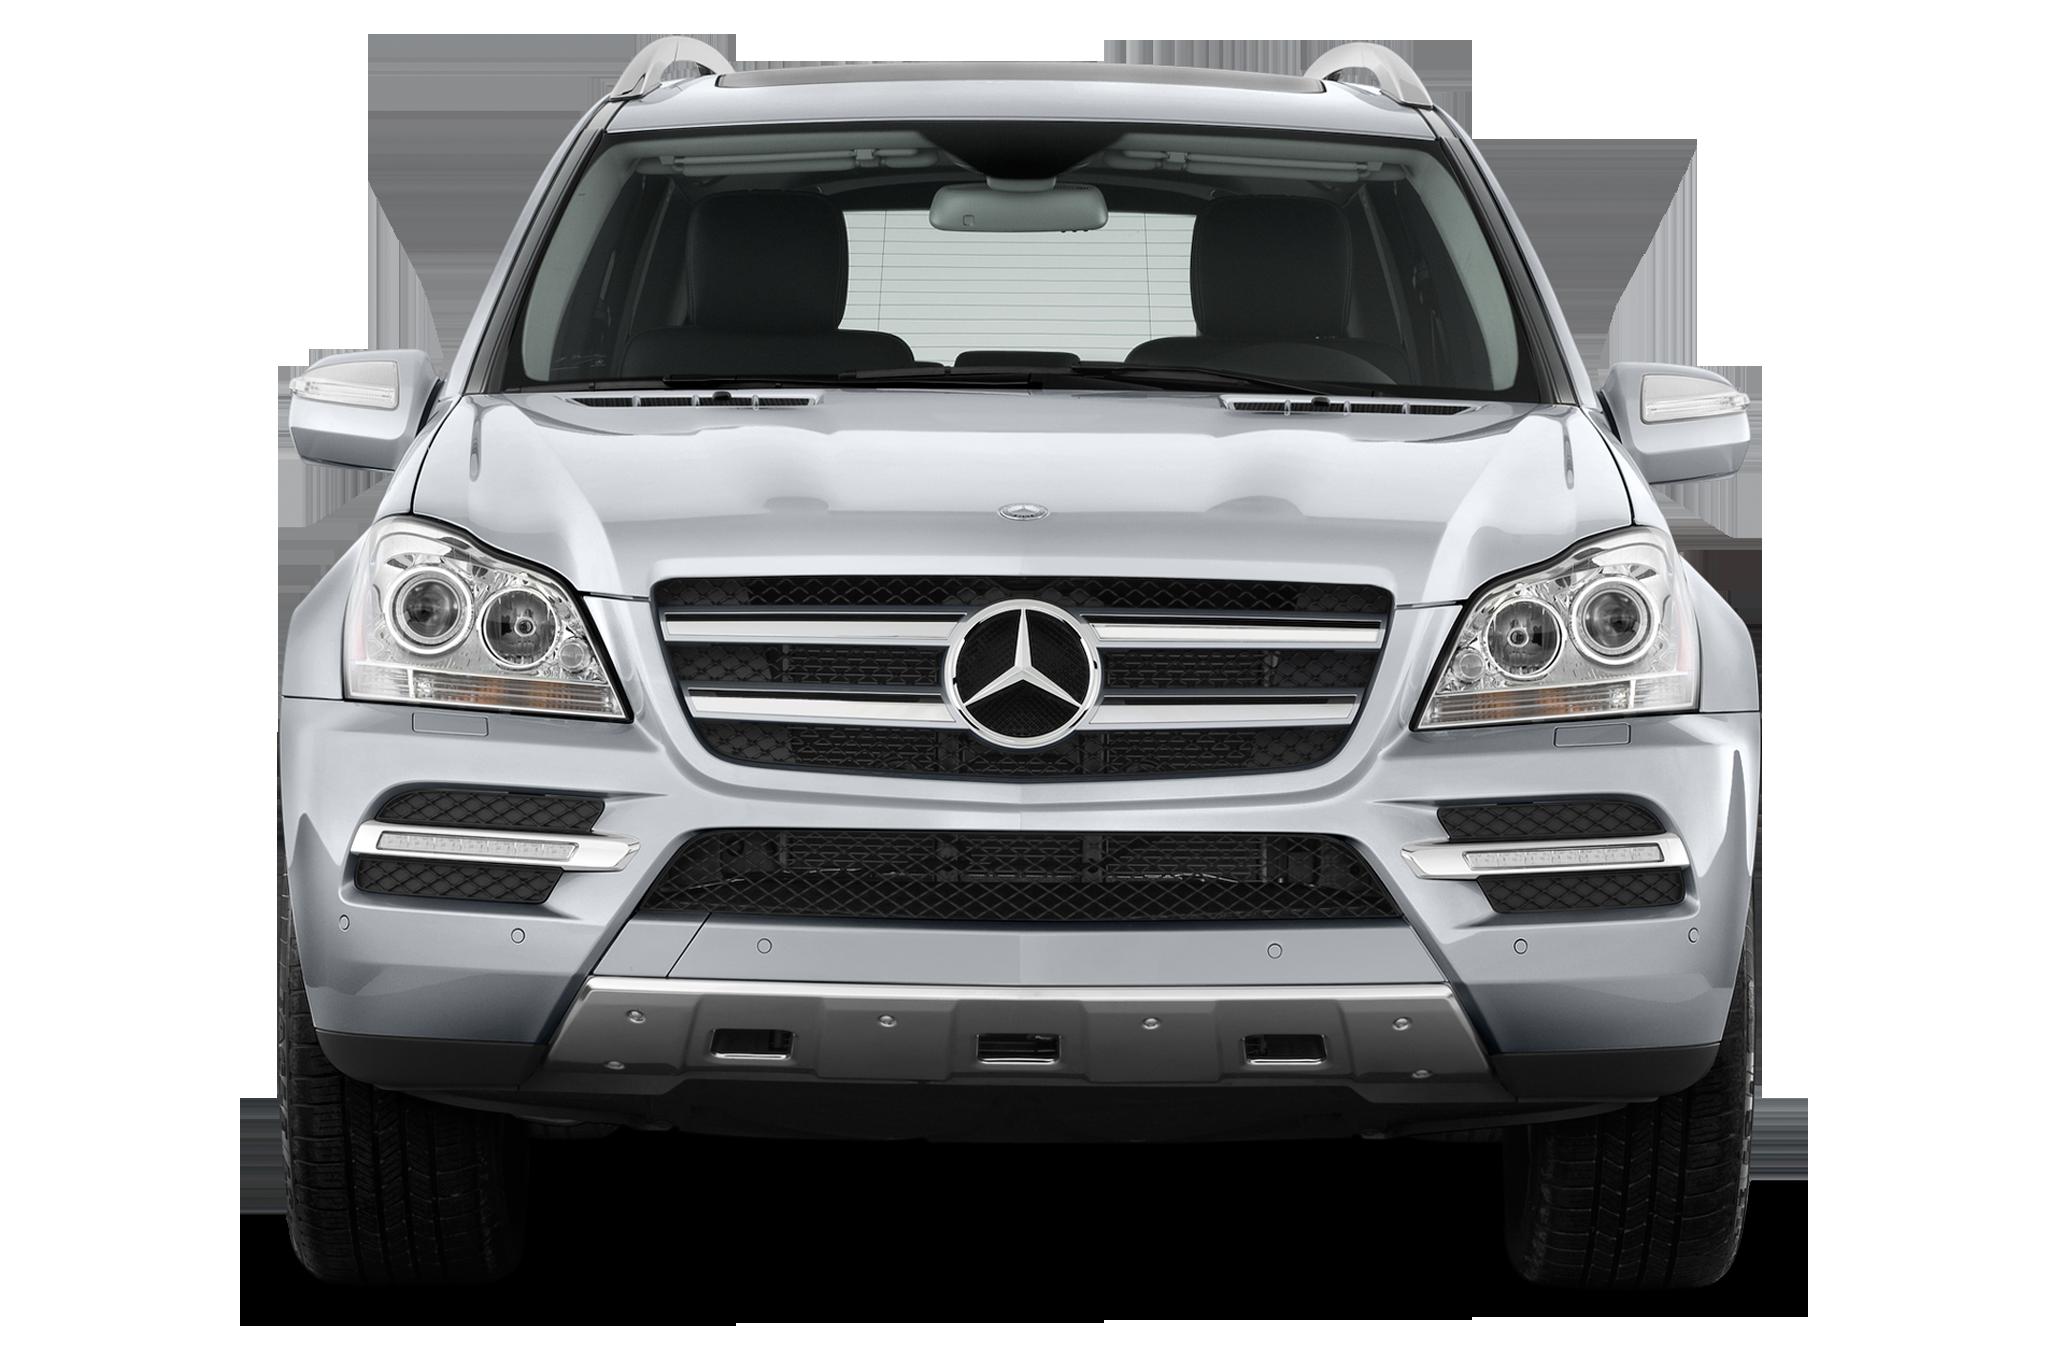 2012 mercedes benz gl550 4matic editors 39 notebook for Mercedes benz gl450 suv